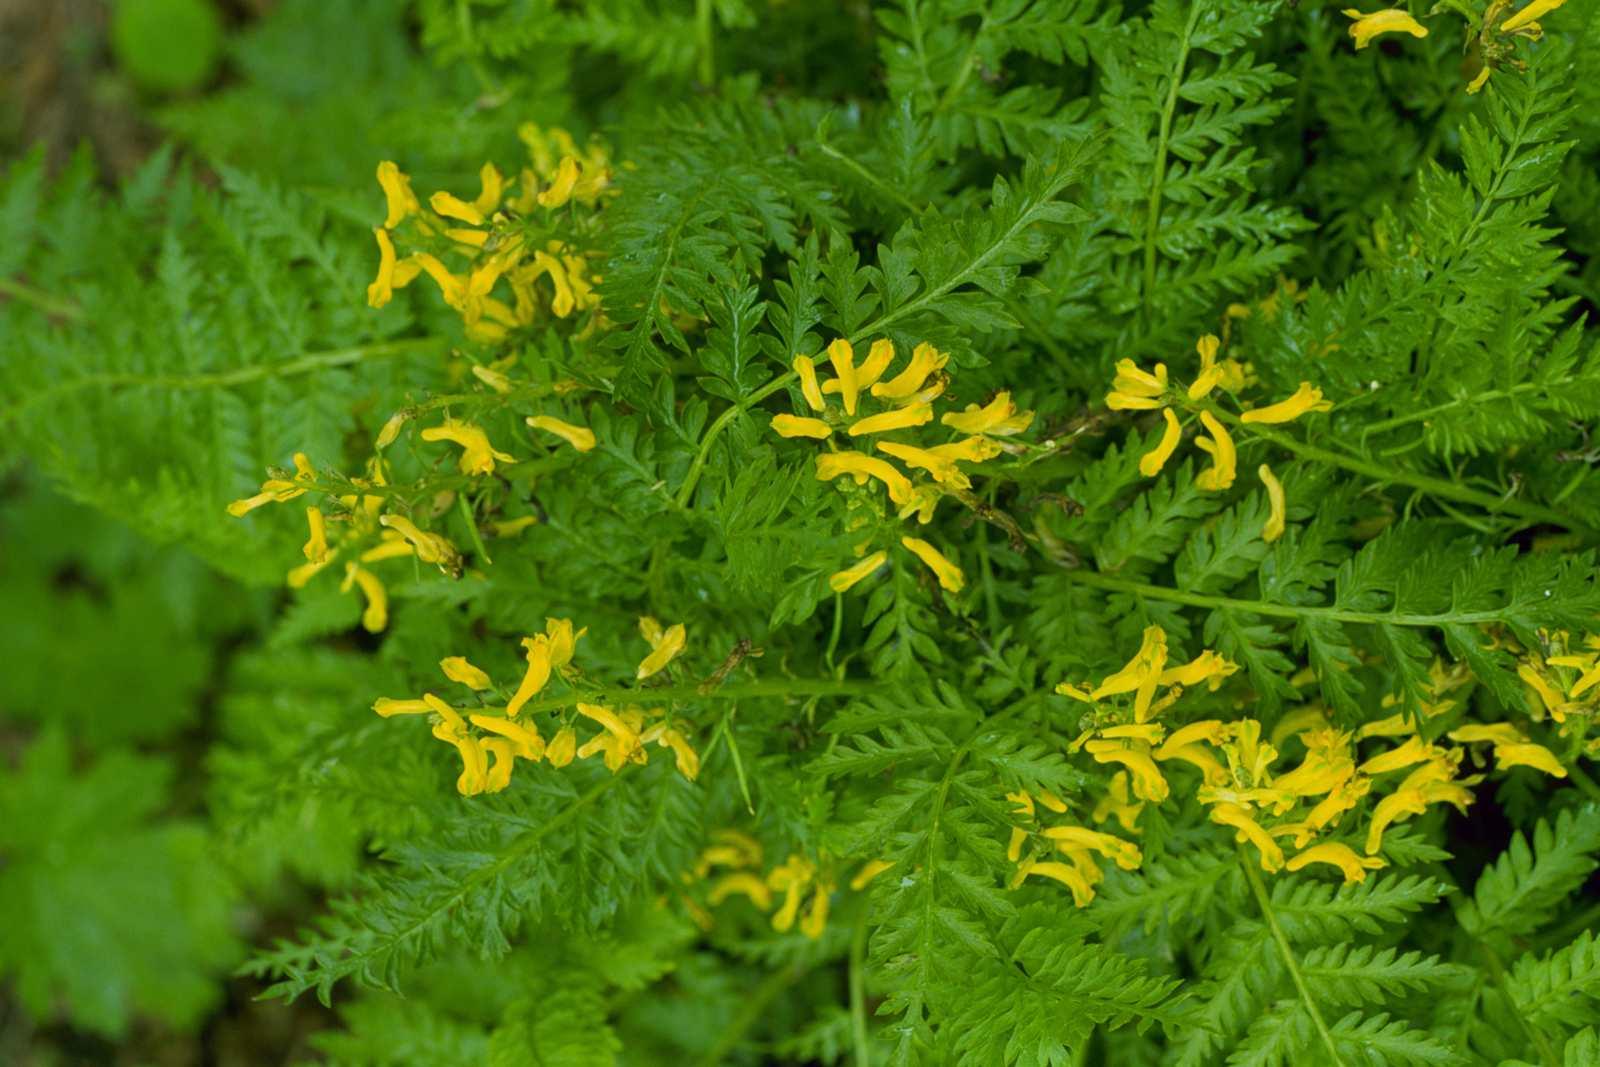 A closeup of Corydalis lutea